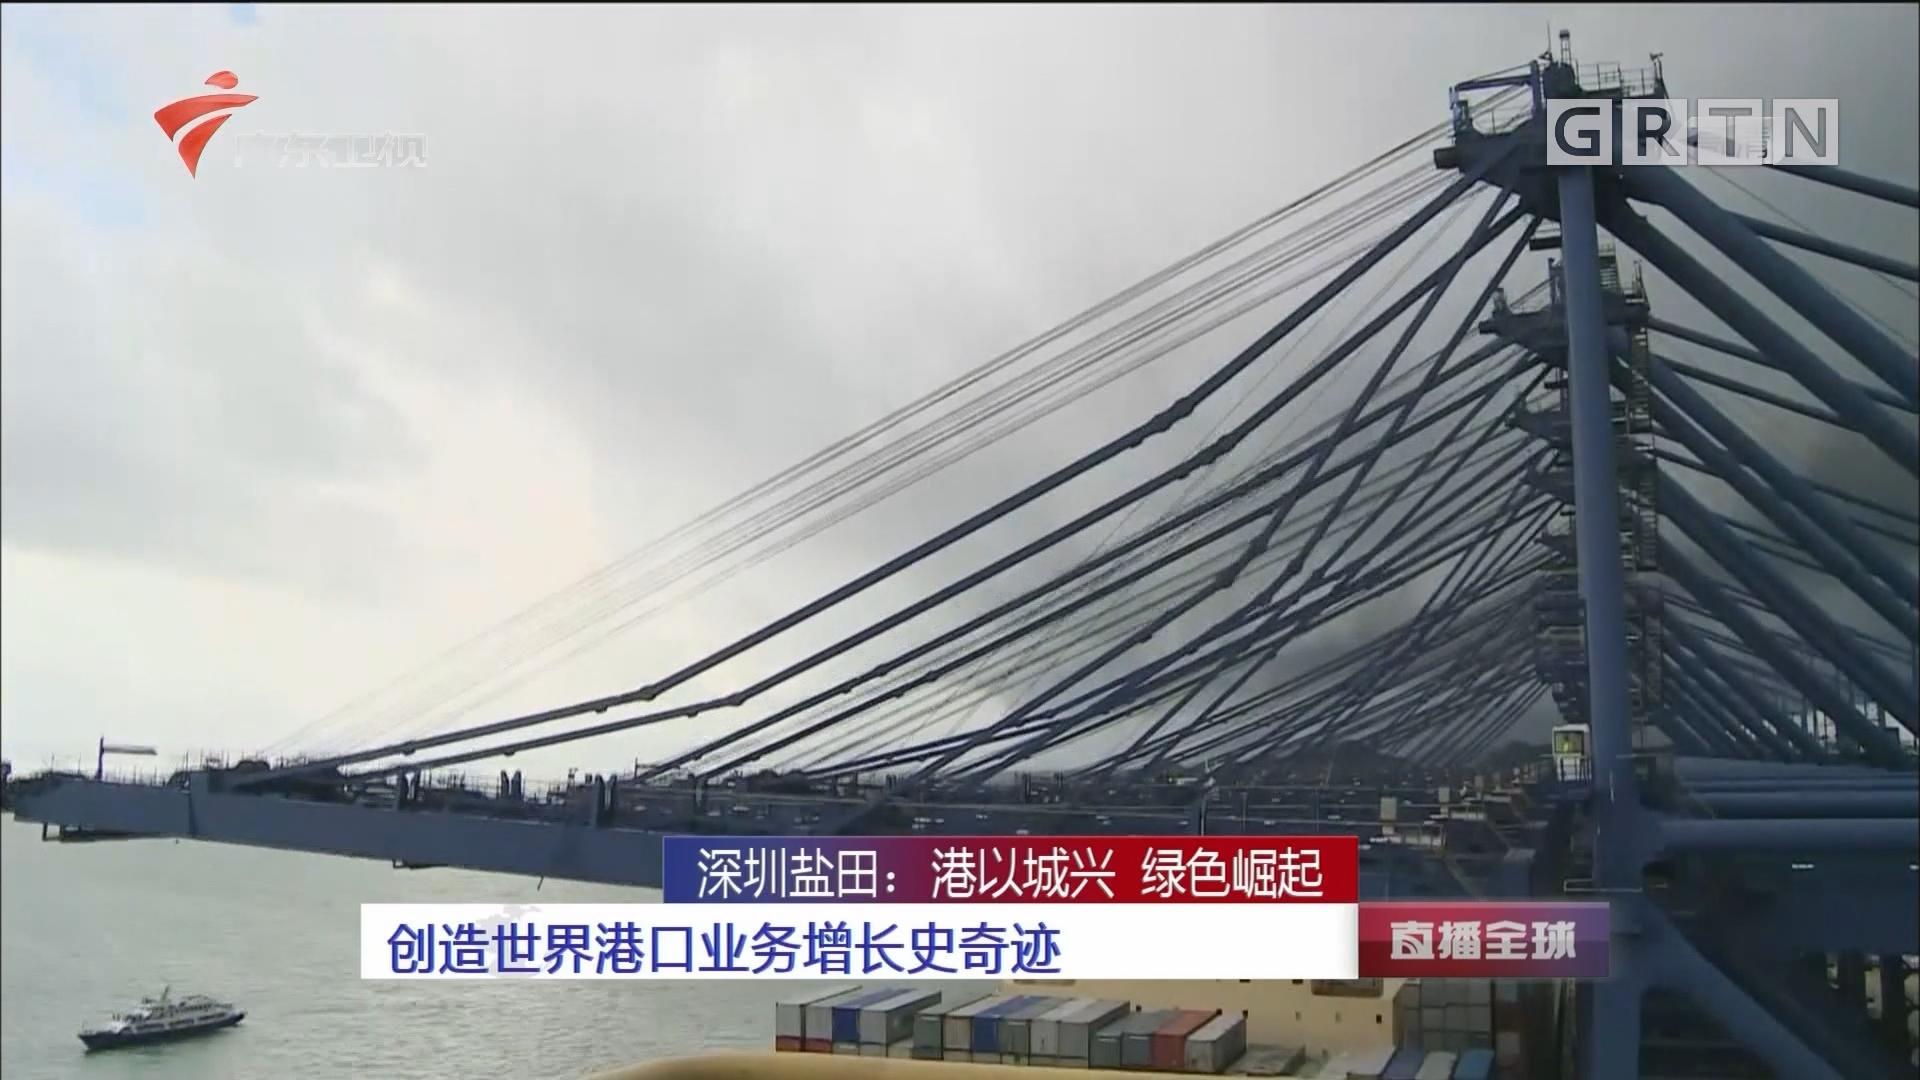 深圳盐田:港以城兴 绿色崛起 创造世界港口业务增长史奇迹